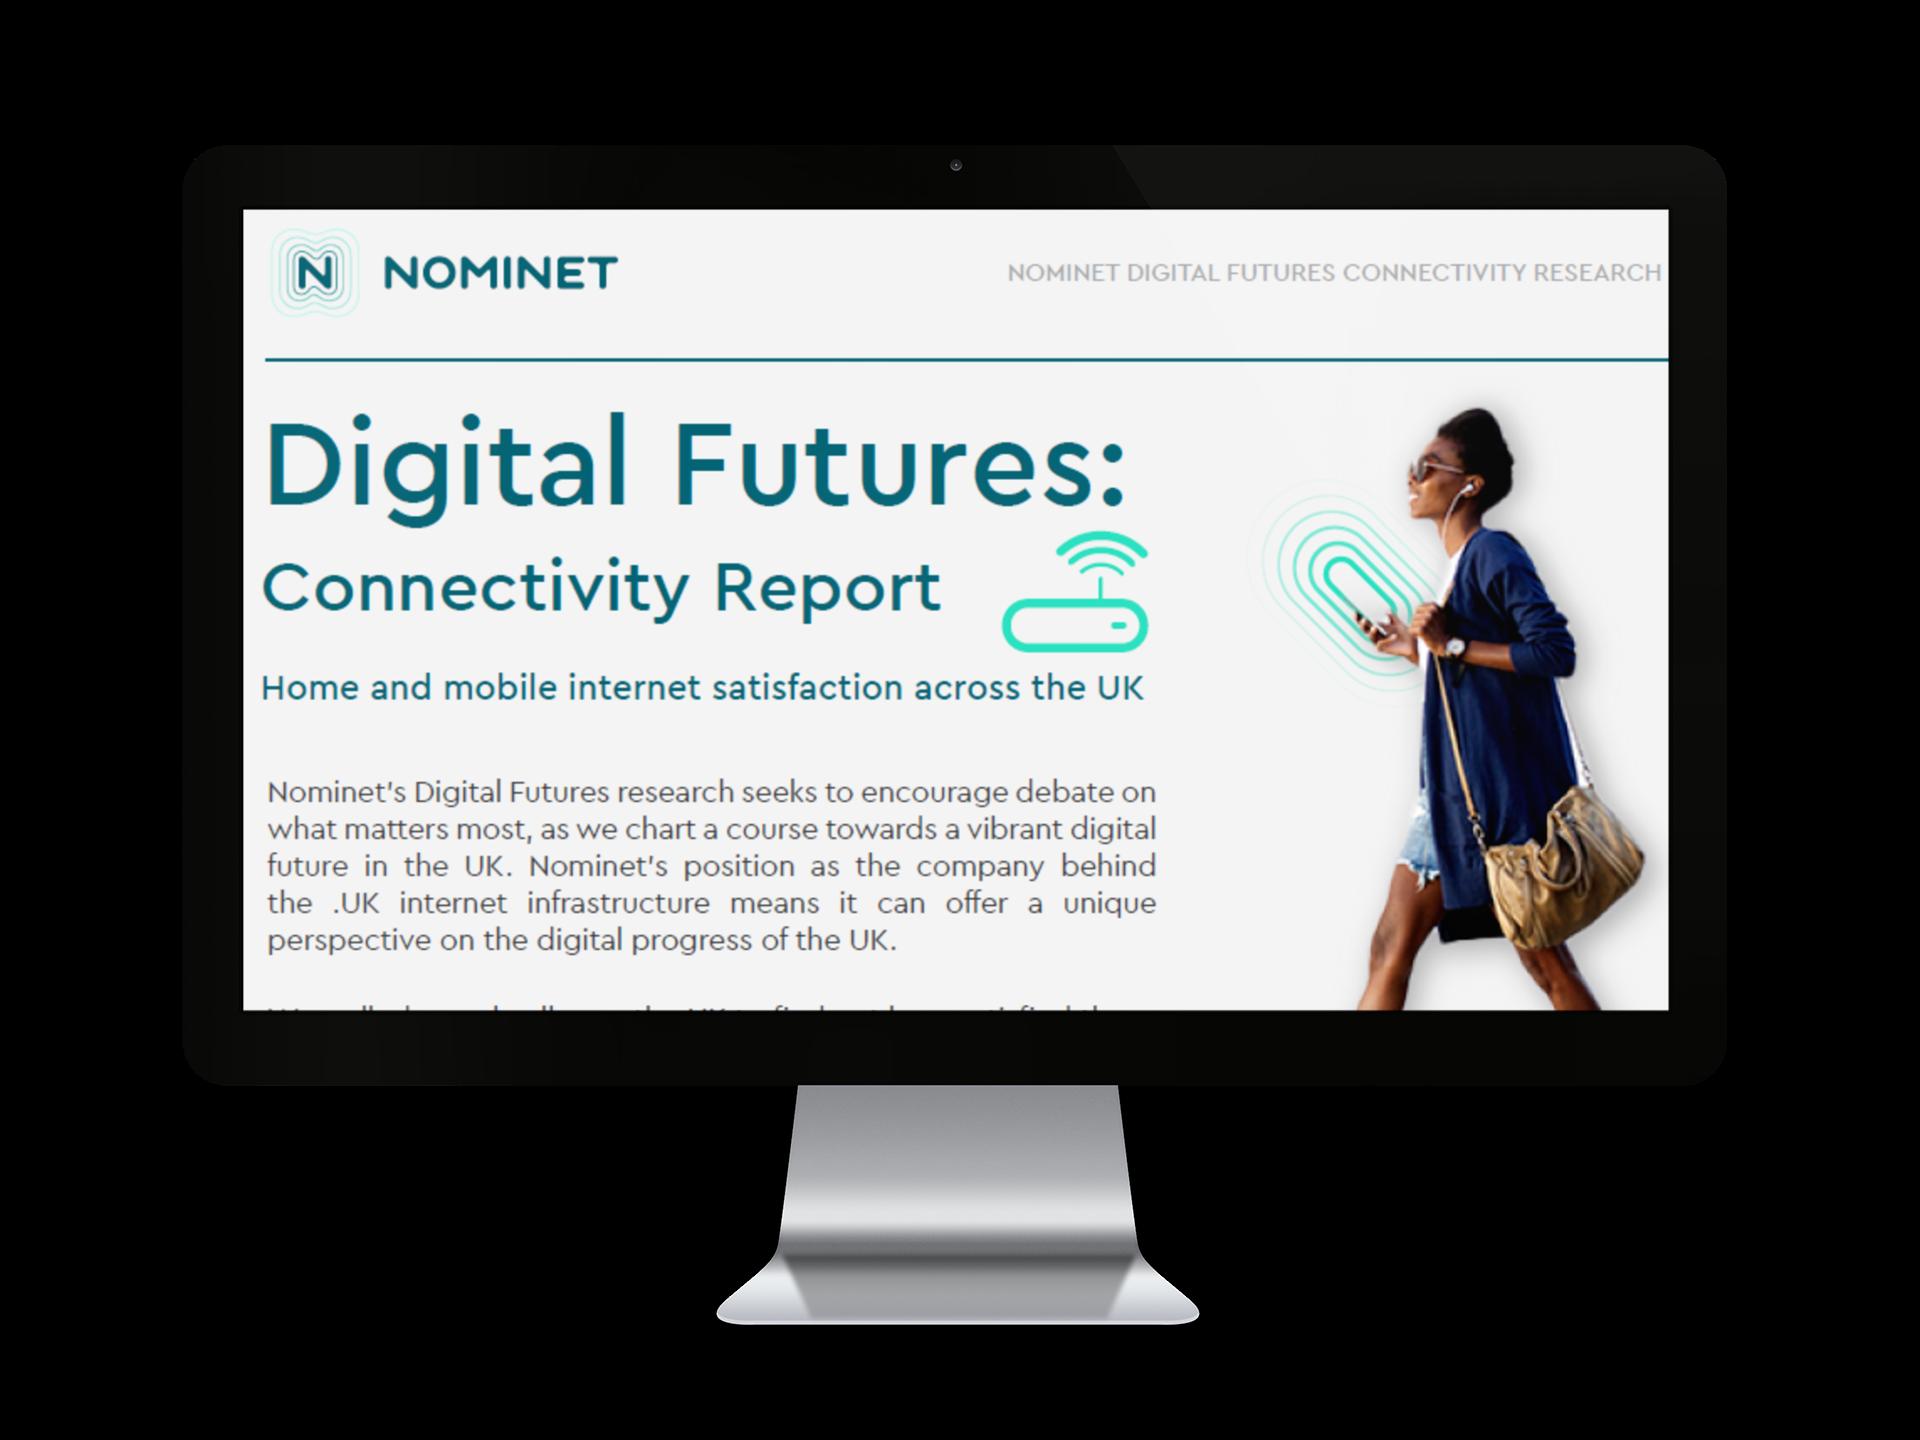 Desktop screen promoting Digital Futures: Connectivity Report